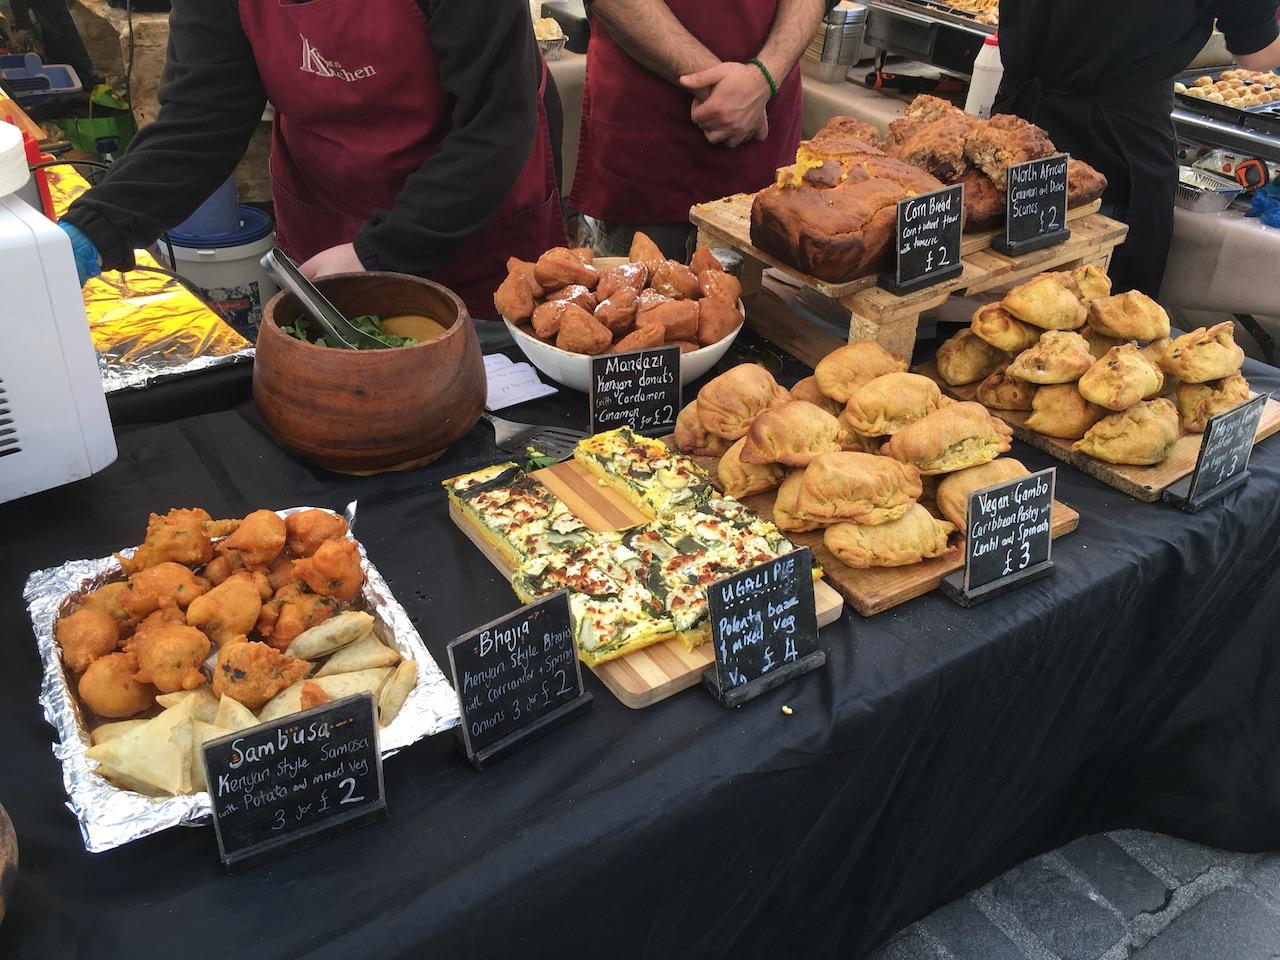 每周六上午的Grassmarket市场云集了各种当地的特色小吃和工艺品